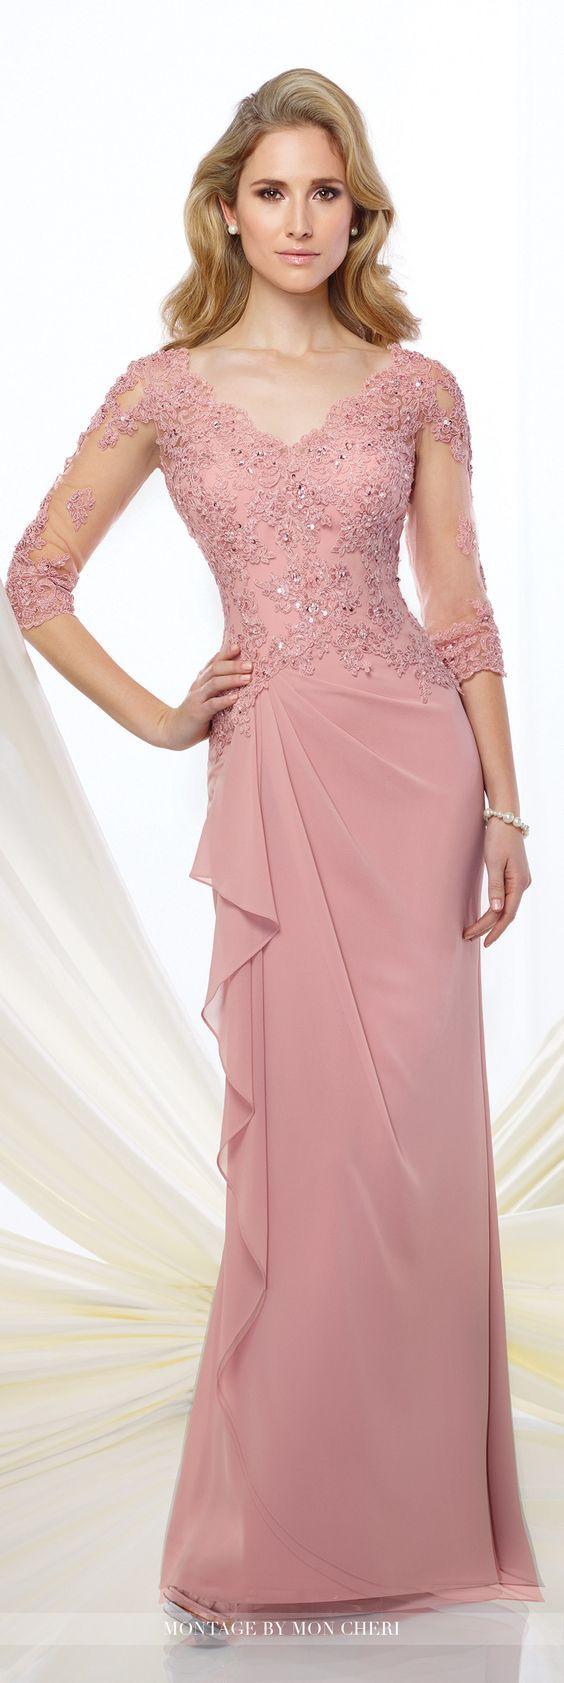 Illusion and Lace 3/4 Sleeve Dress Montage | Vestiditos, Vestidos de ...